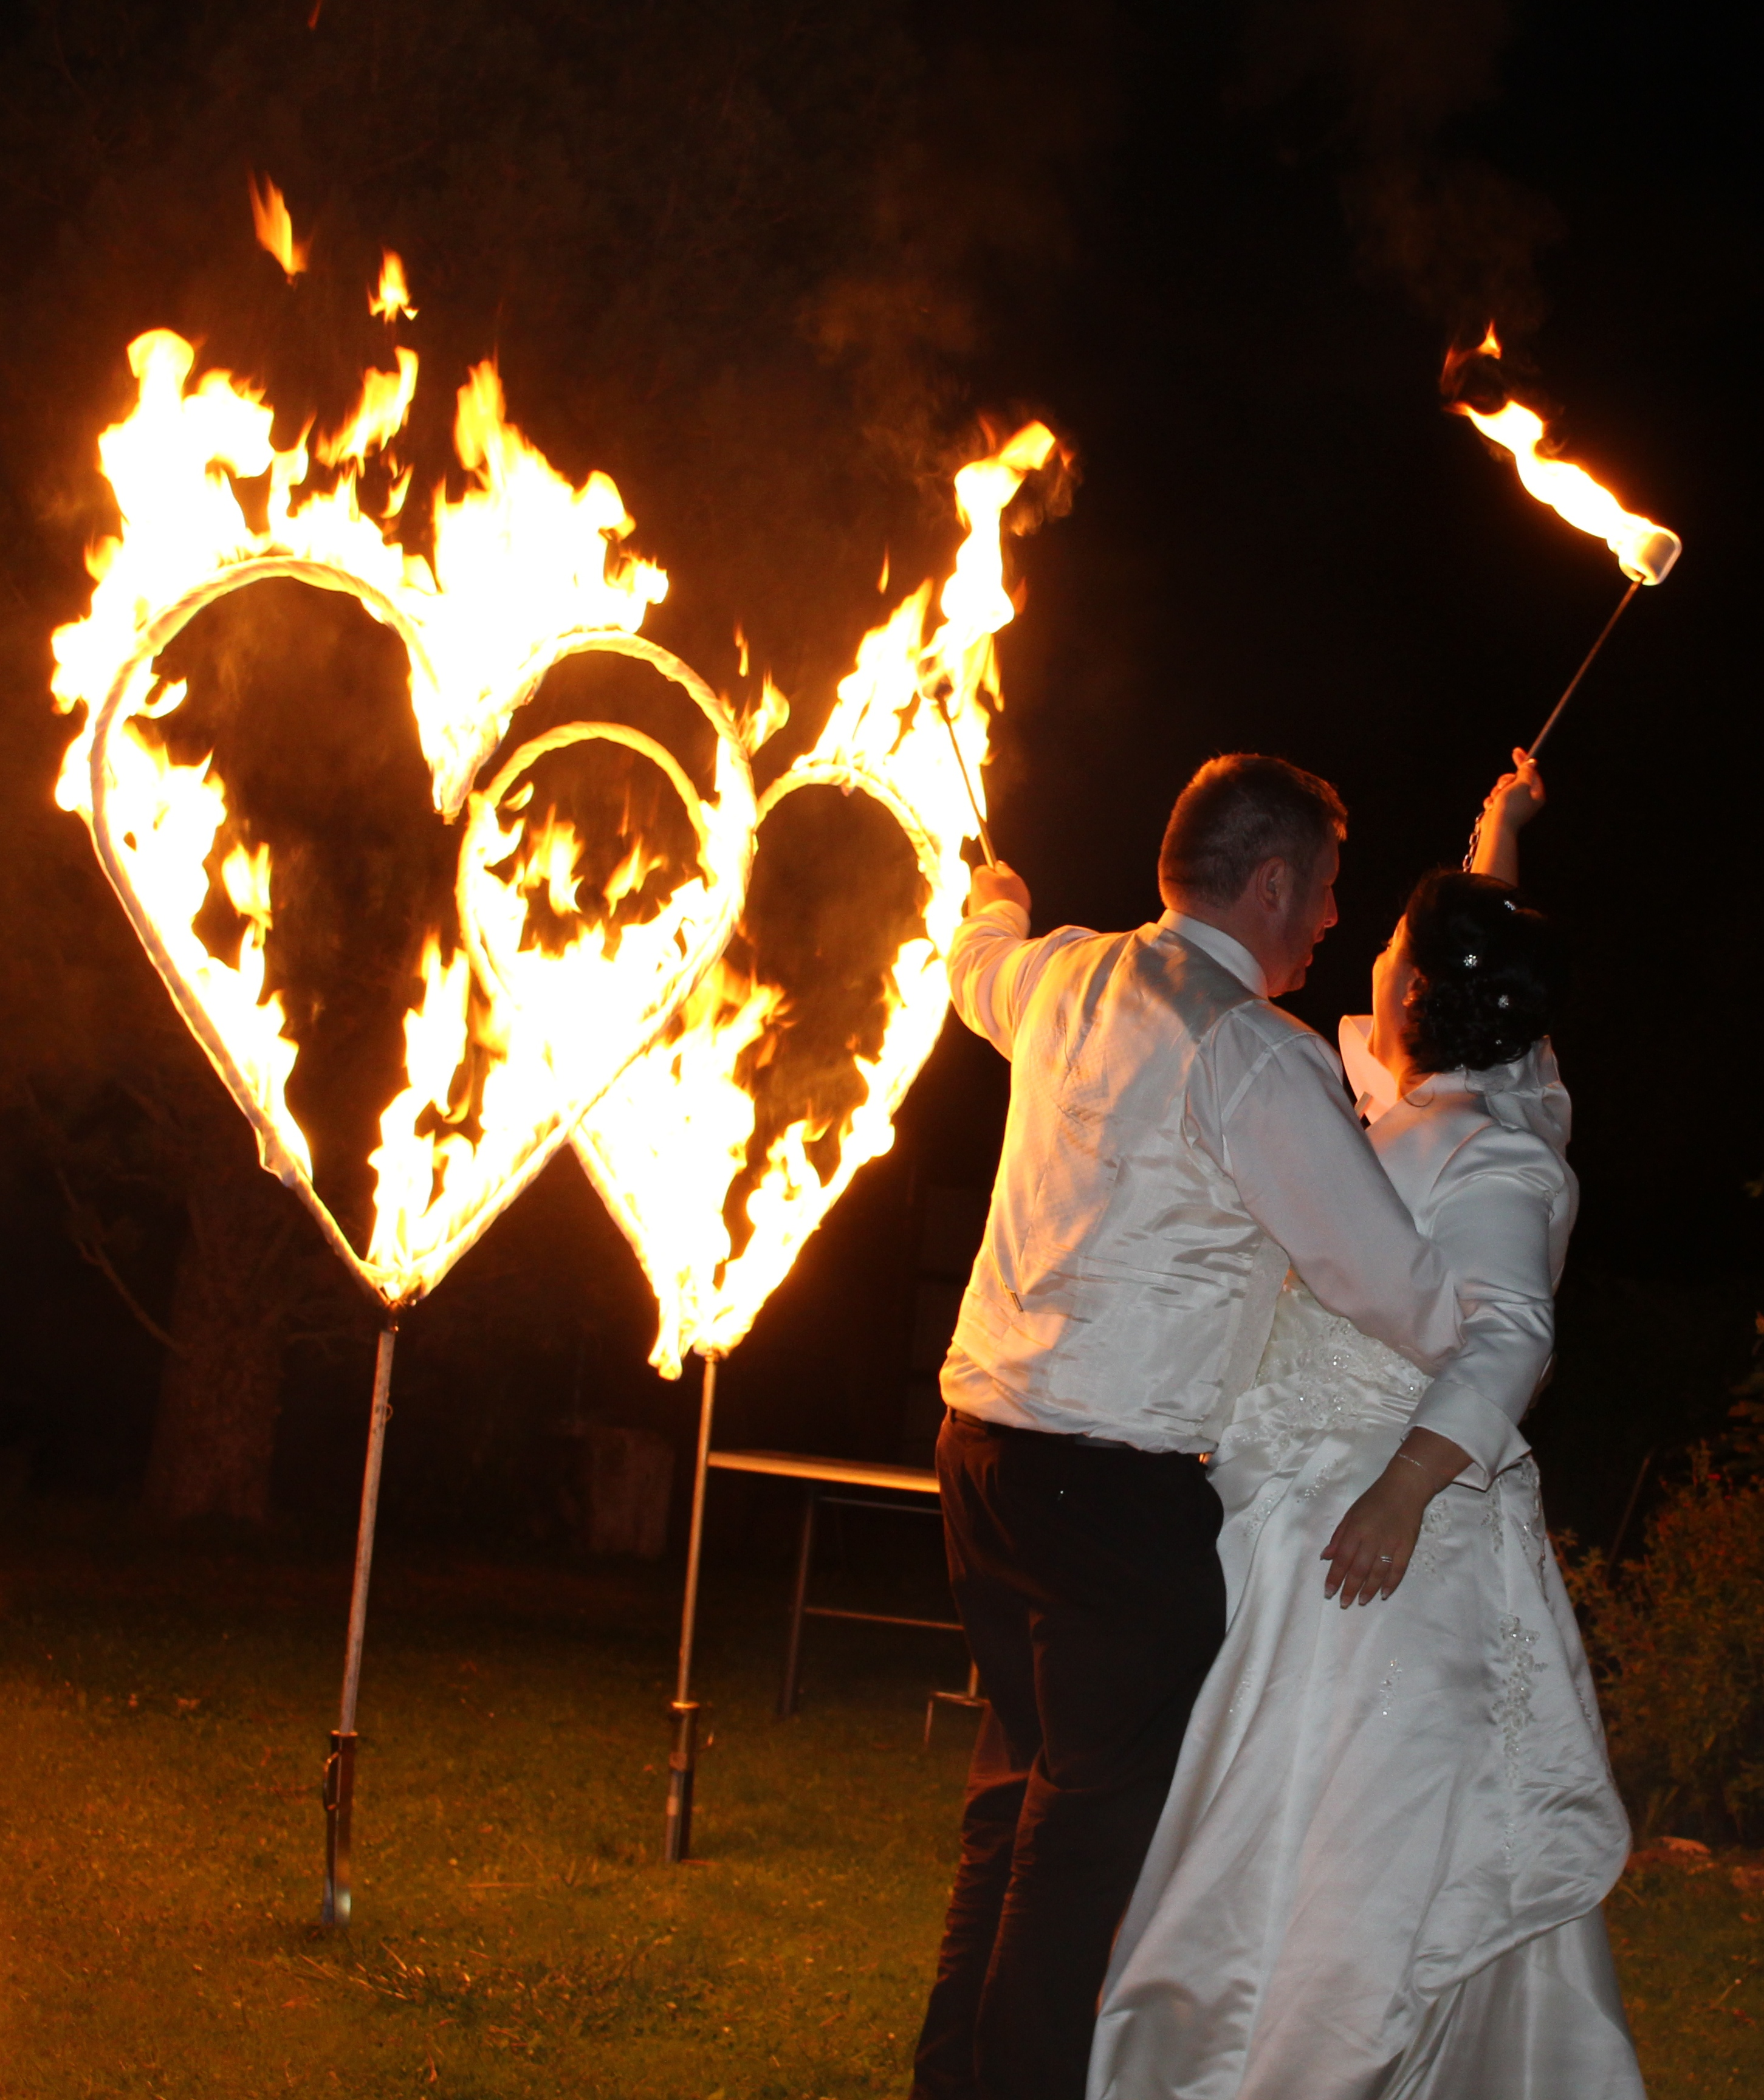 Berühmt Feuershows von Tanja Feuerherz in Bayern - die Feuershow mit Herz! UC71